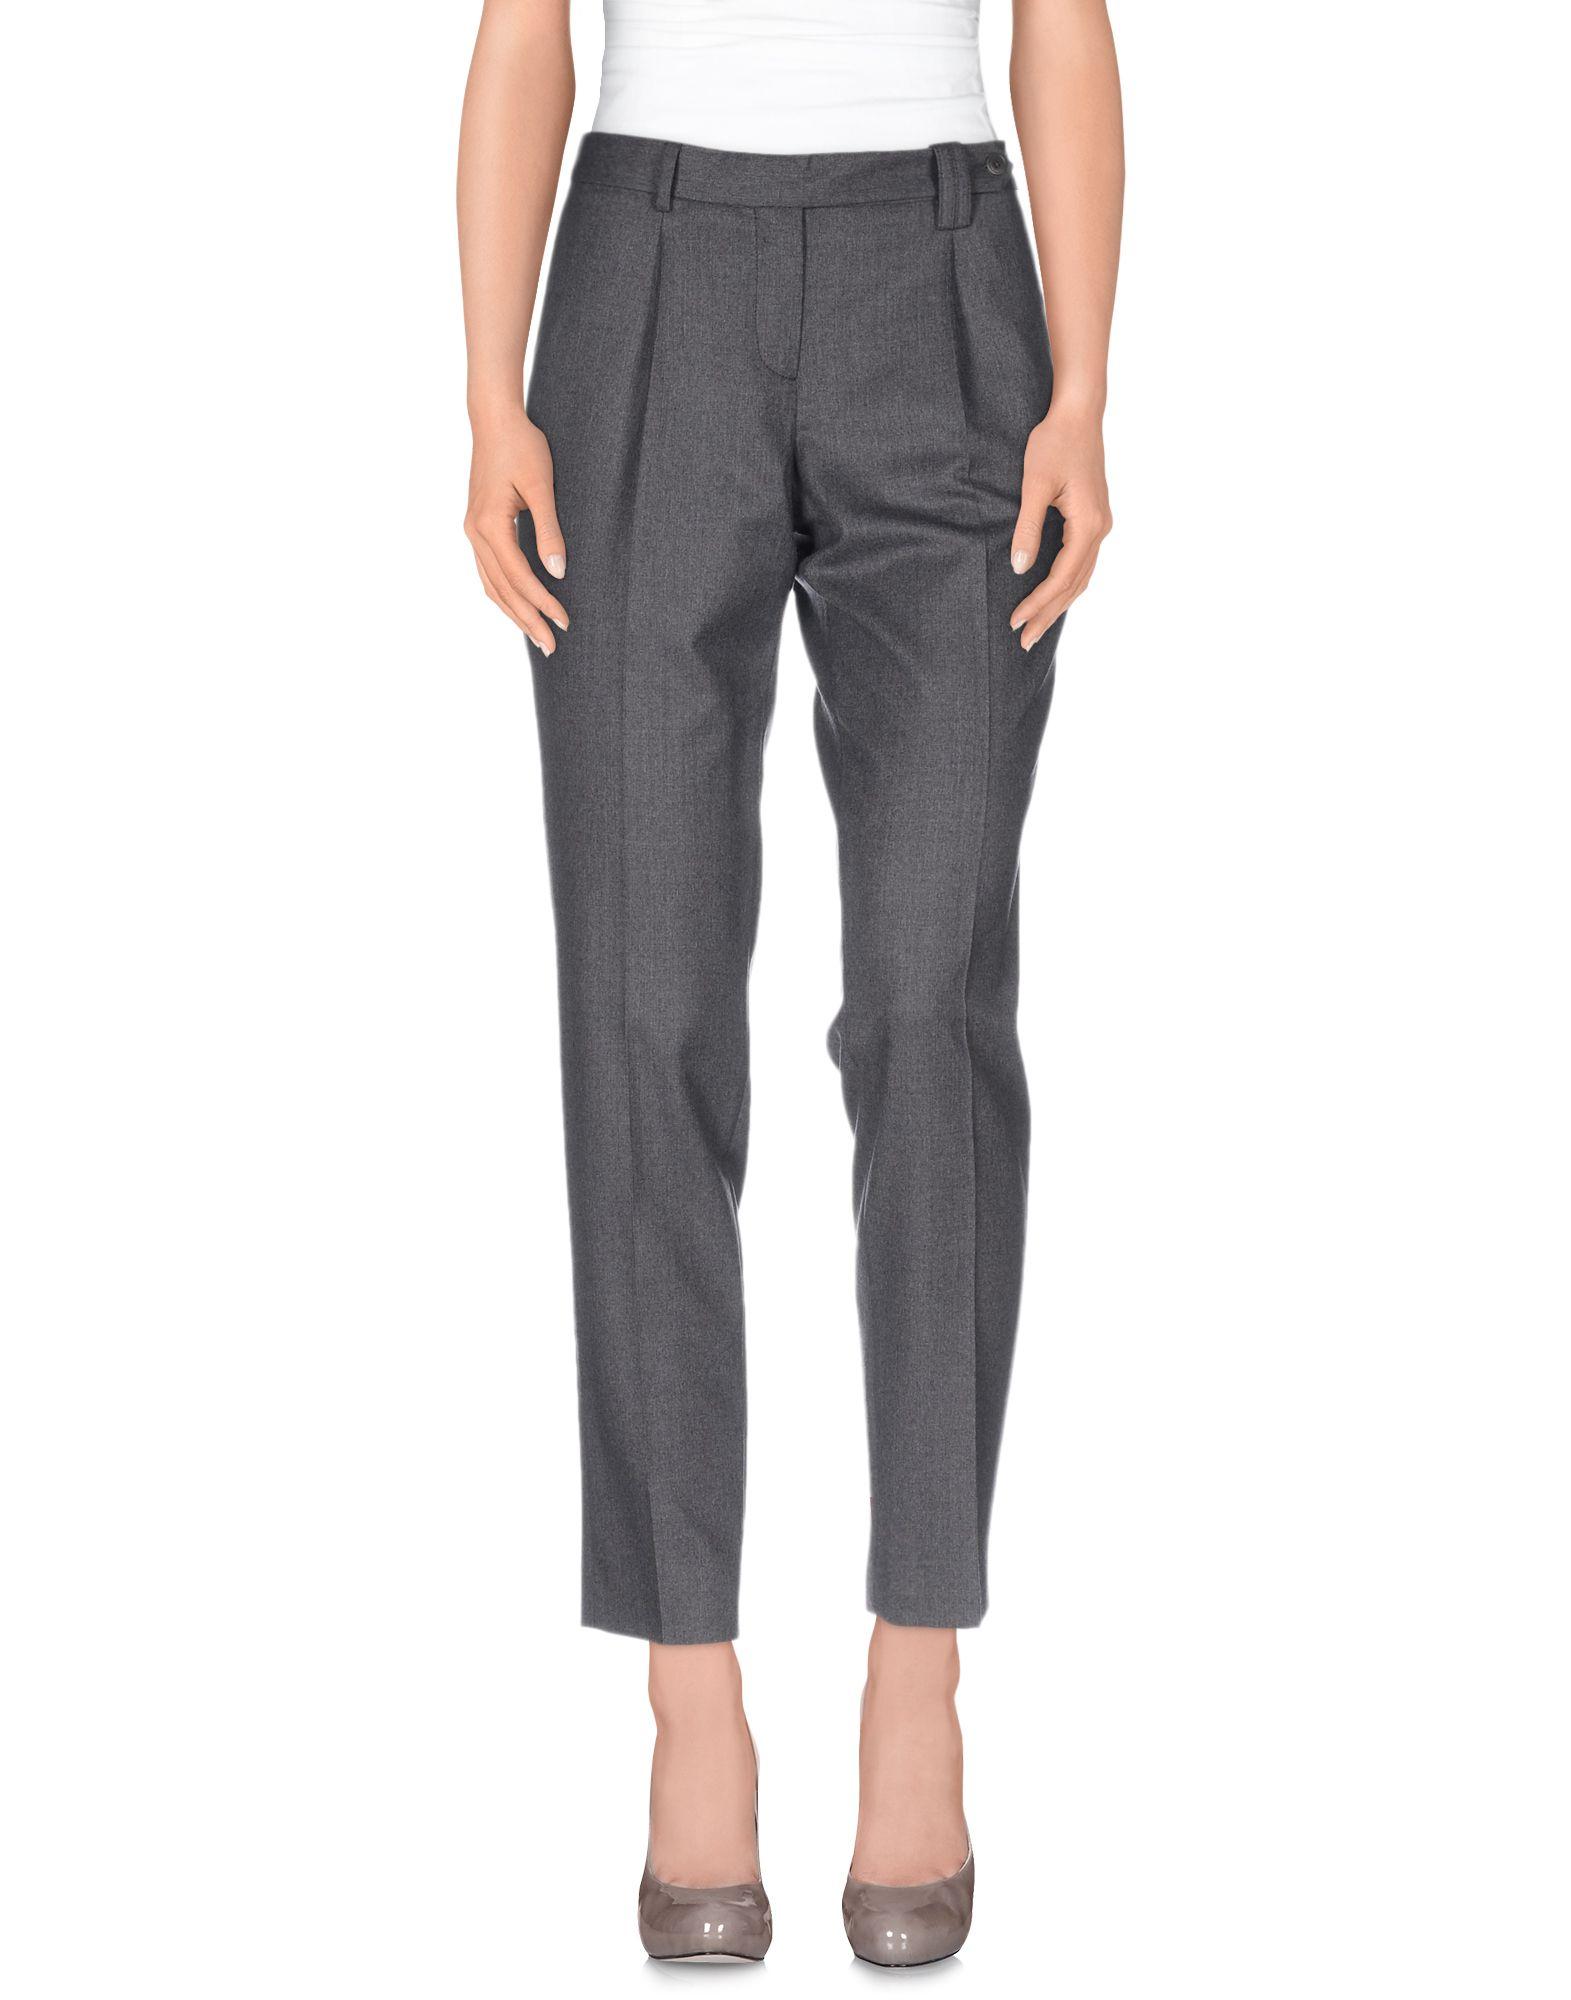 Pantalone Incotex damen - 36834274PO